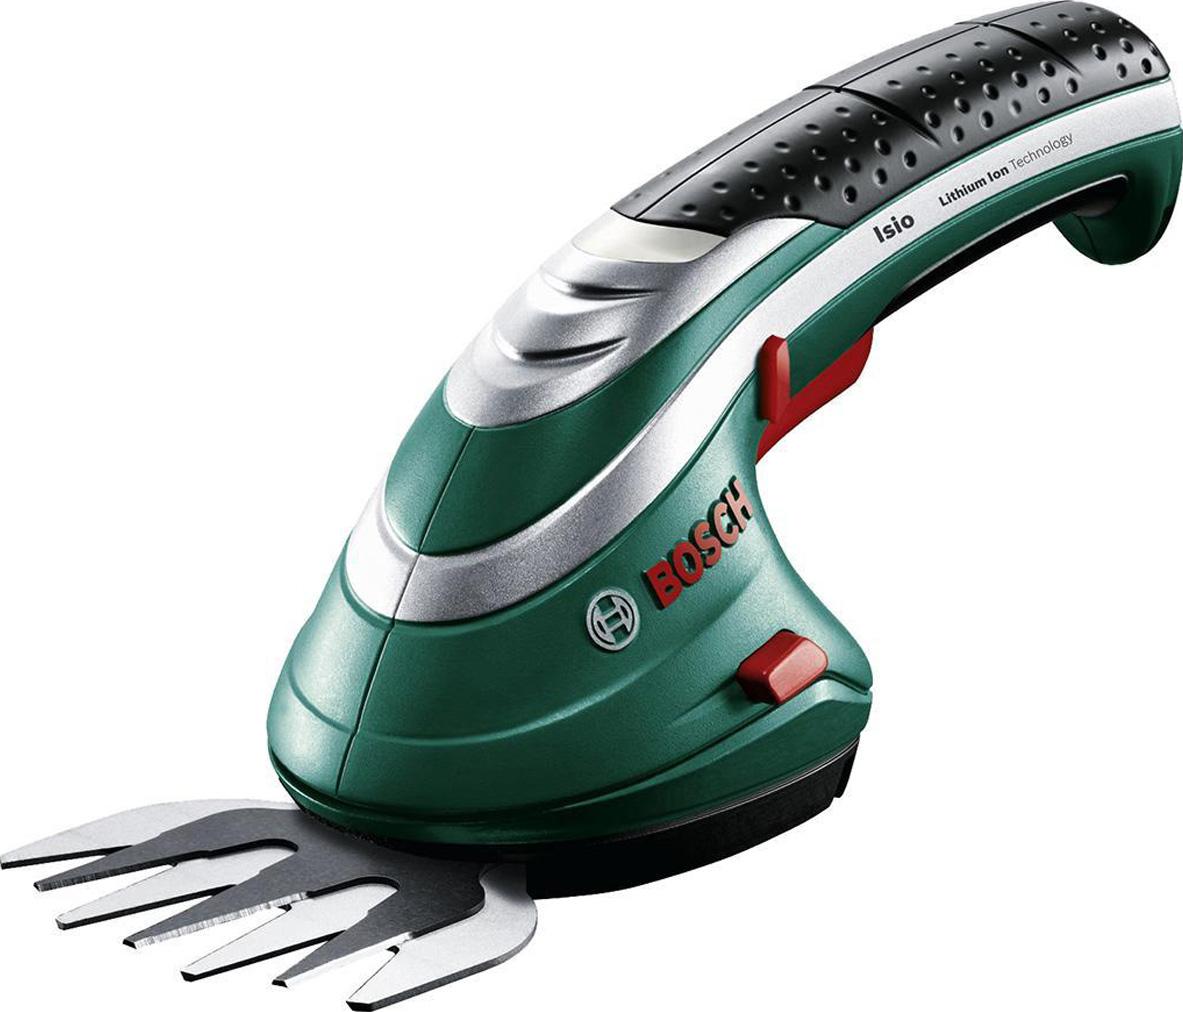 Аккумуляторные ножницы для травы Bosch ISIO 3 + чехол 0600833100 аккумуляторные ножницы bosch isio 0 600 833 100